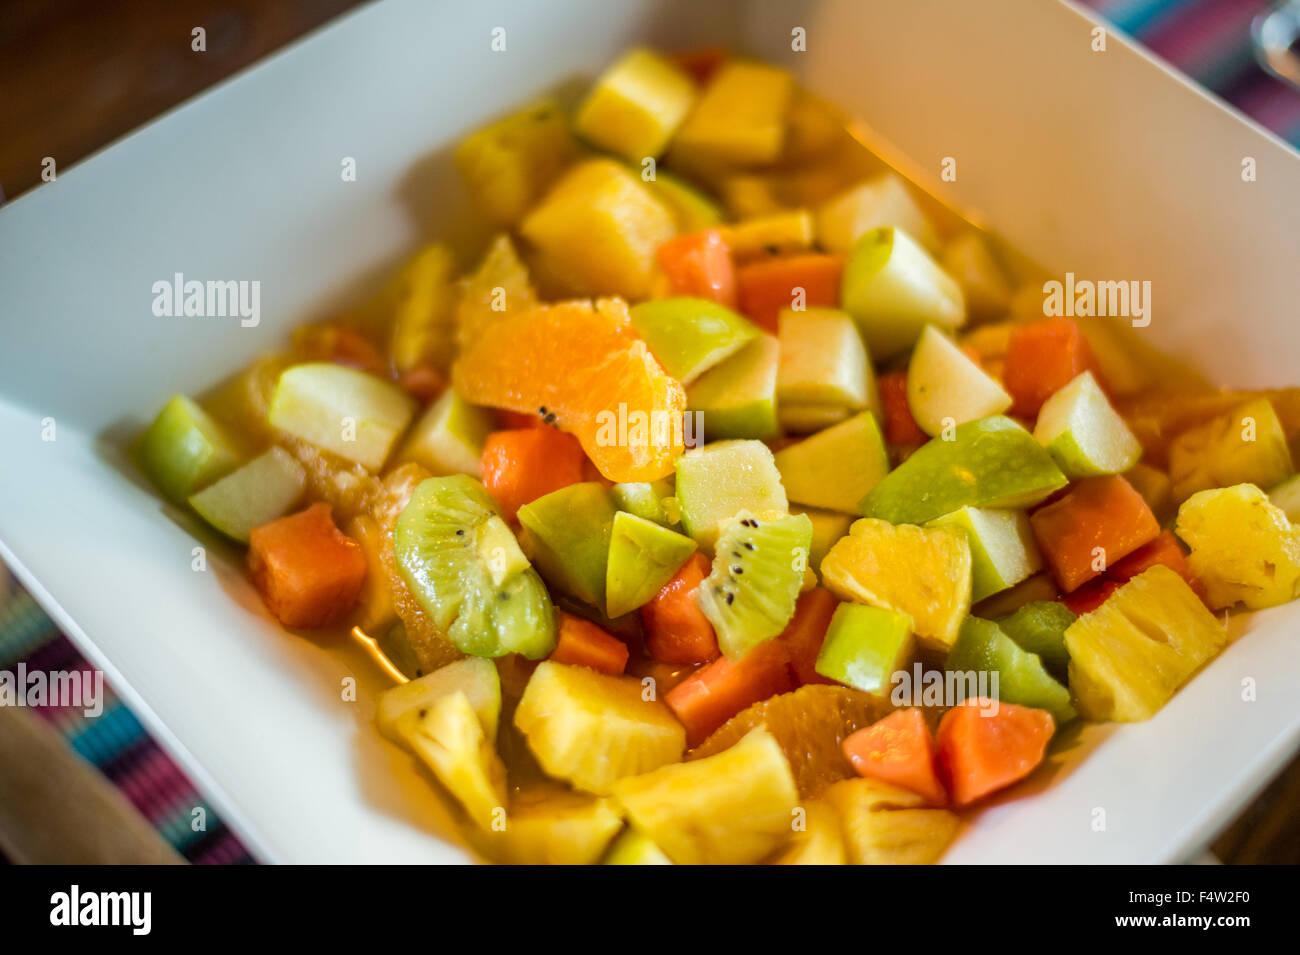 Kasane, Botswana - Fruit salad in bowl - Stock Image